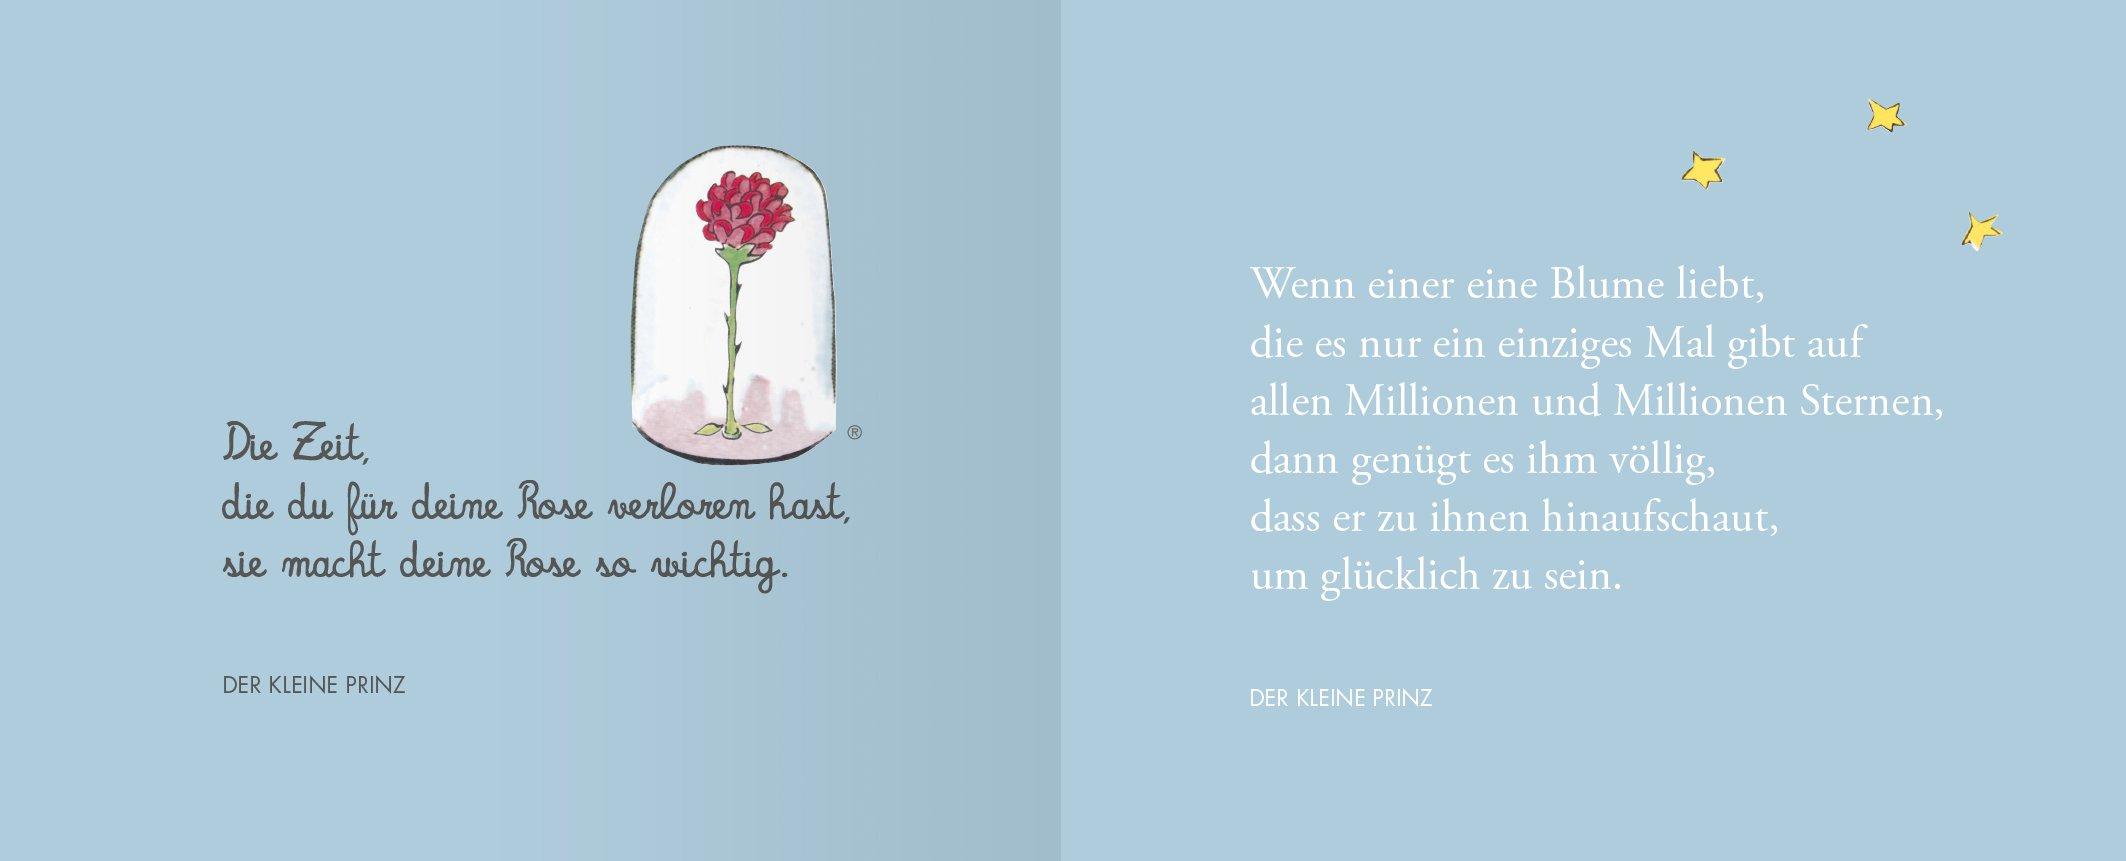 Der Kleine Prinz Zitate Rose Vertrauen Brecht Zitat Vertrauen Brecht Zitat Du Allein Wirst Sterne Haben